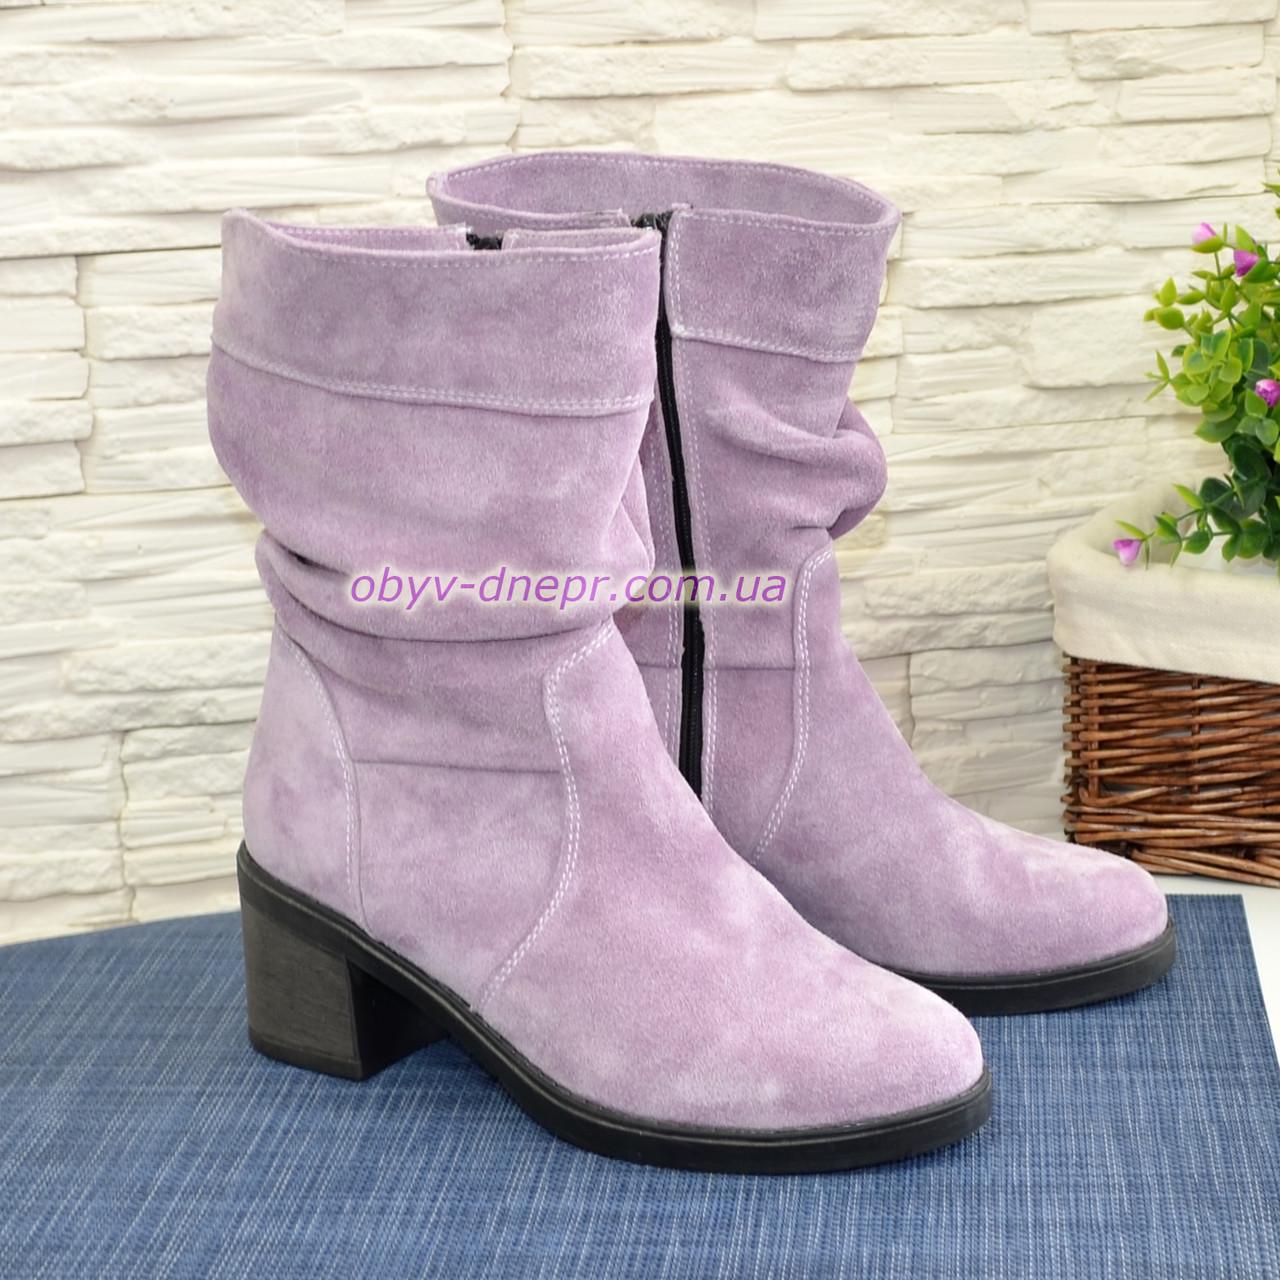 """Ботинки замшевые на невысоком устойчивом каблуке, цвет лиловый. ТМ """"Maestro"""""""